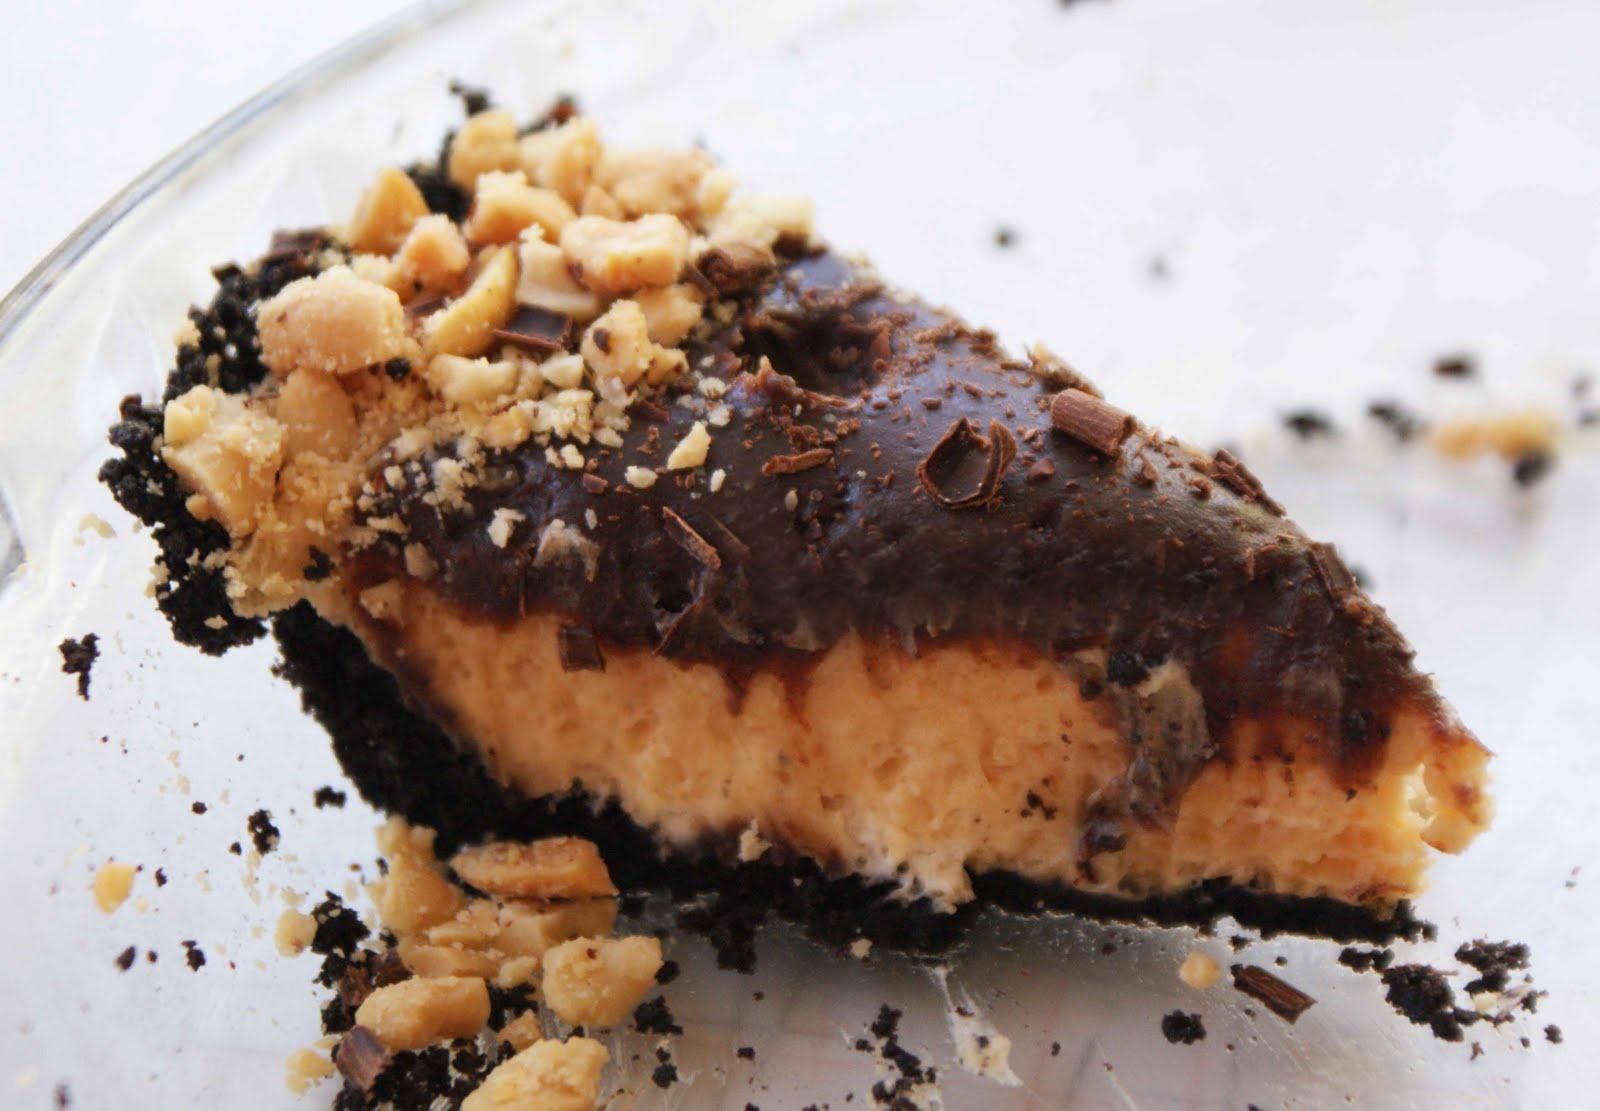 Chocolate Peanut Butter Birthday Pie - Dinner With Julie